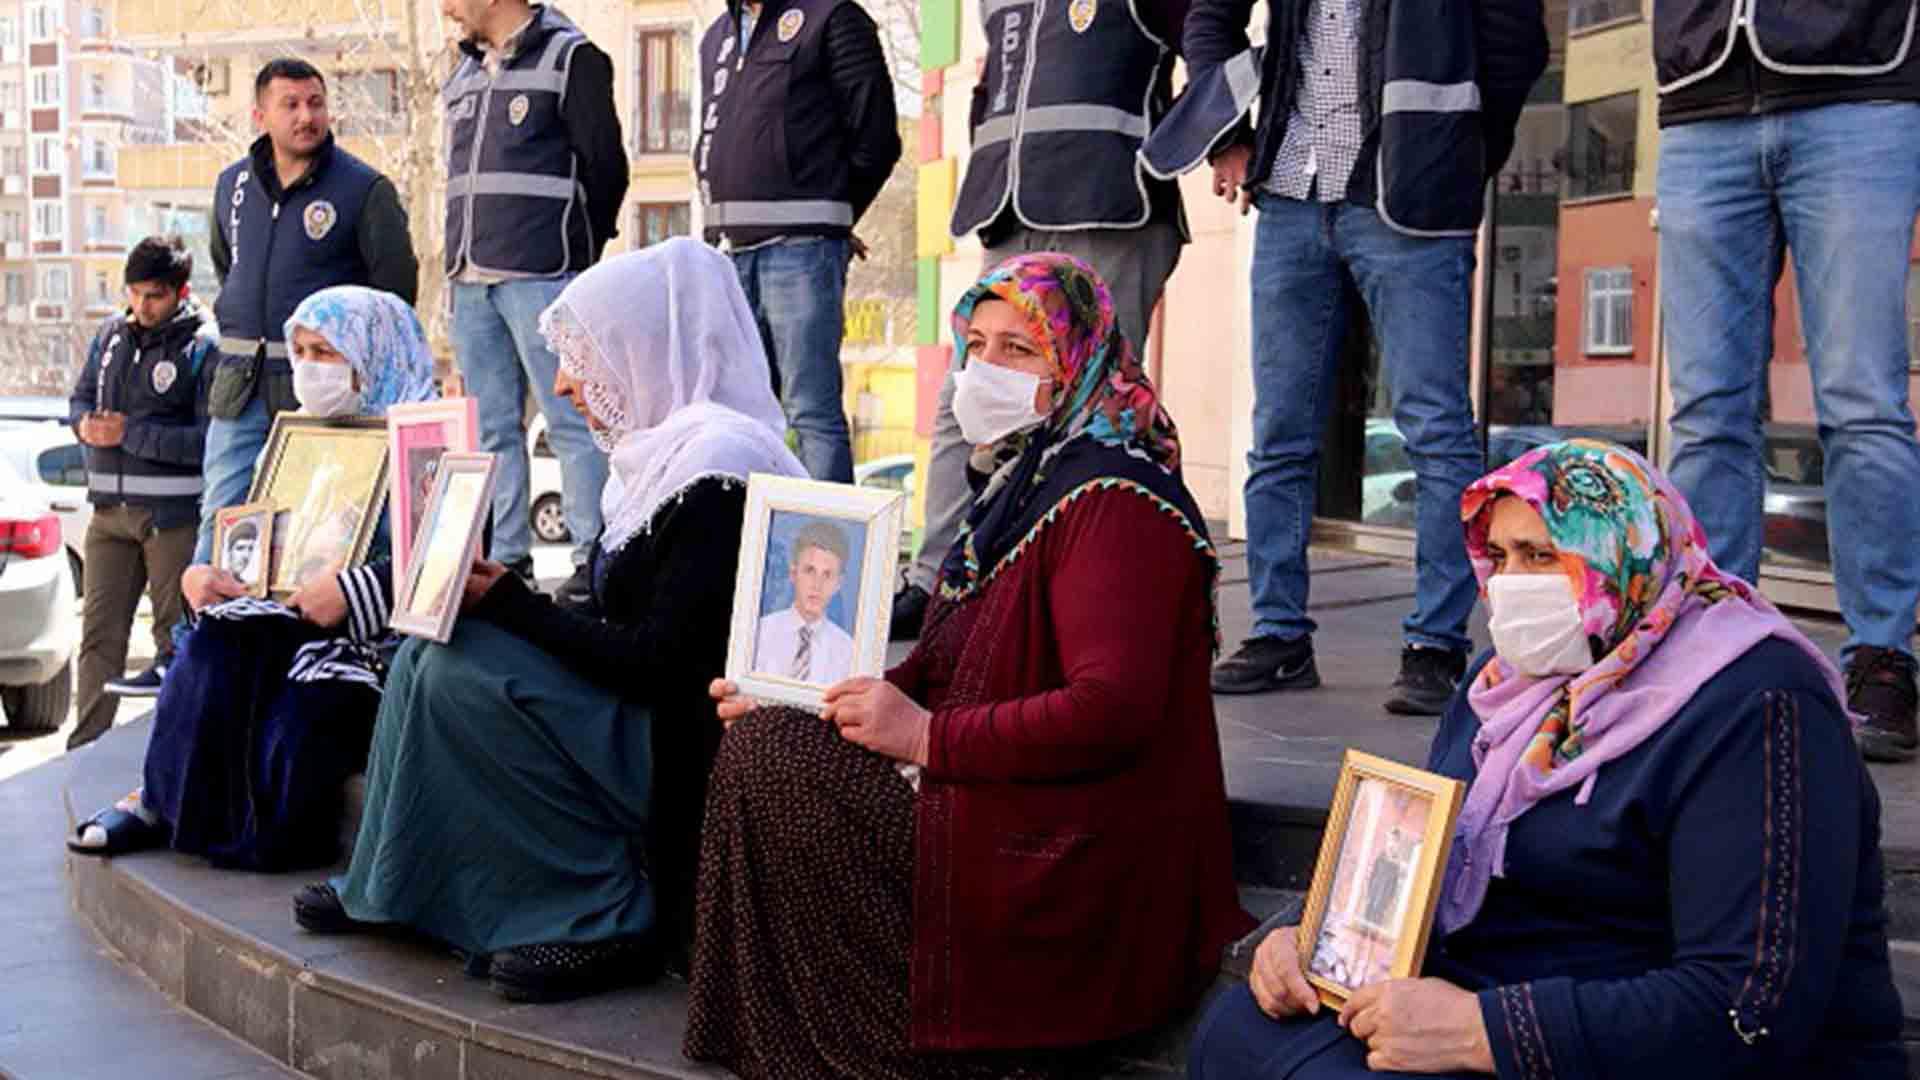 Evlat nöbetindeki acılı aileler evlatlarına seslendi! Teslim ol çağrısı